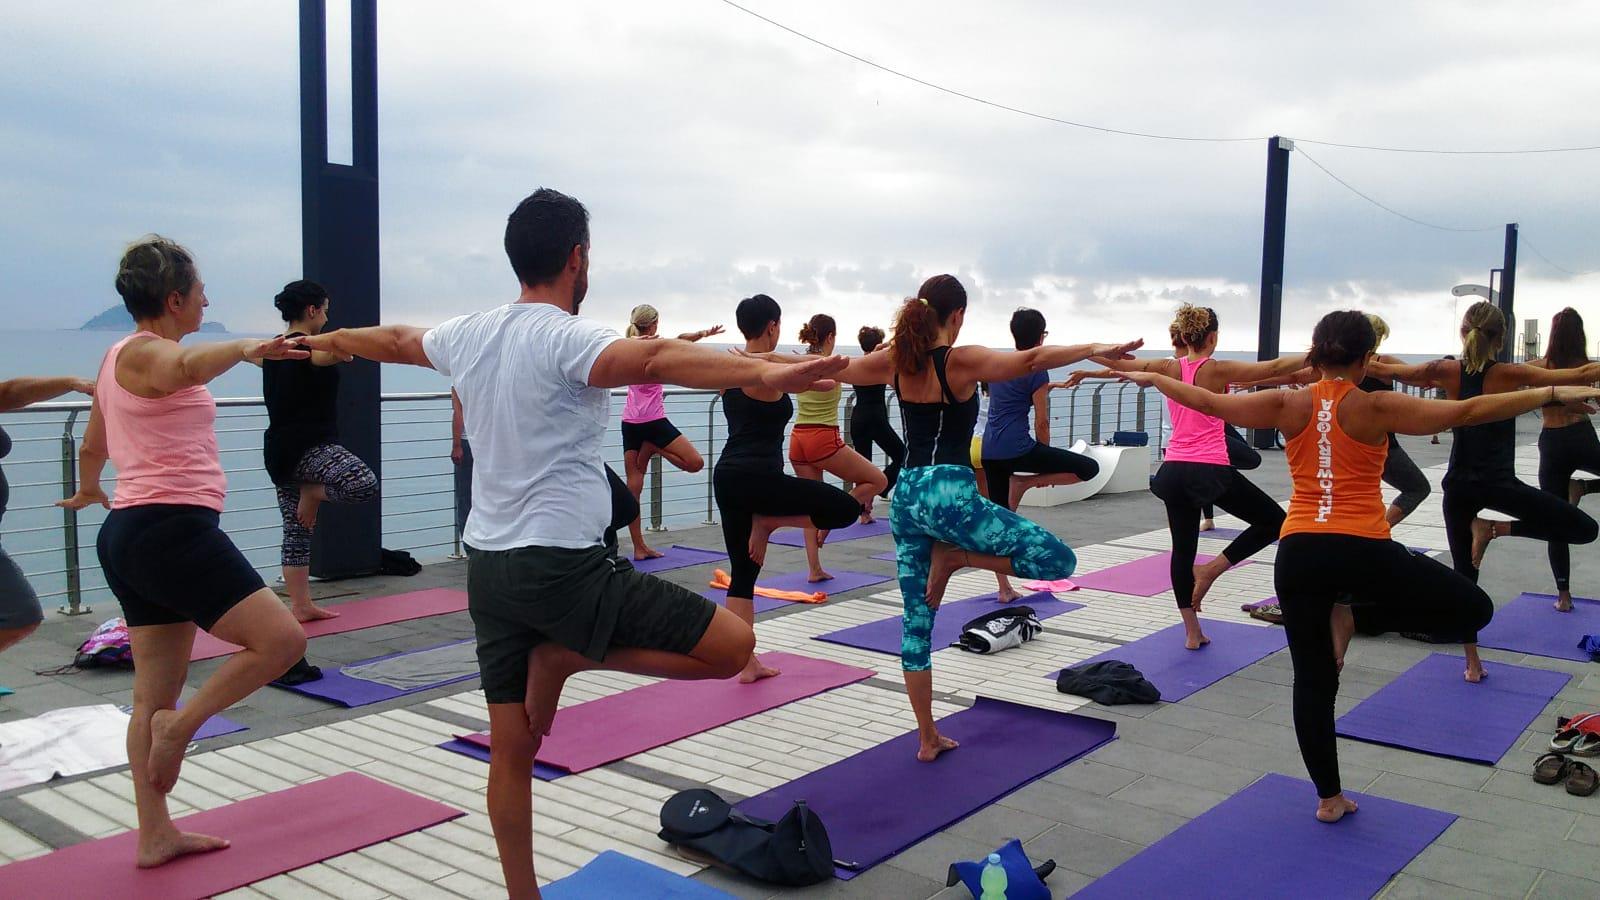 essere-free-yoga-gratuito-benessere-per-tutti-village-citta-alassio-estate-lucia-ragazzi-summer-town-wellness-091